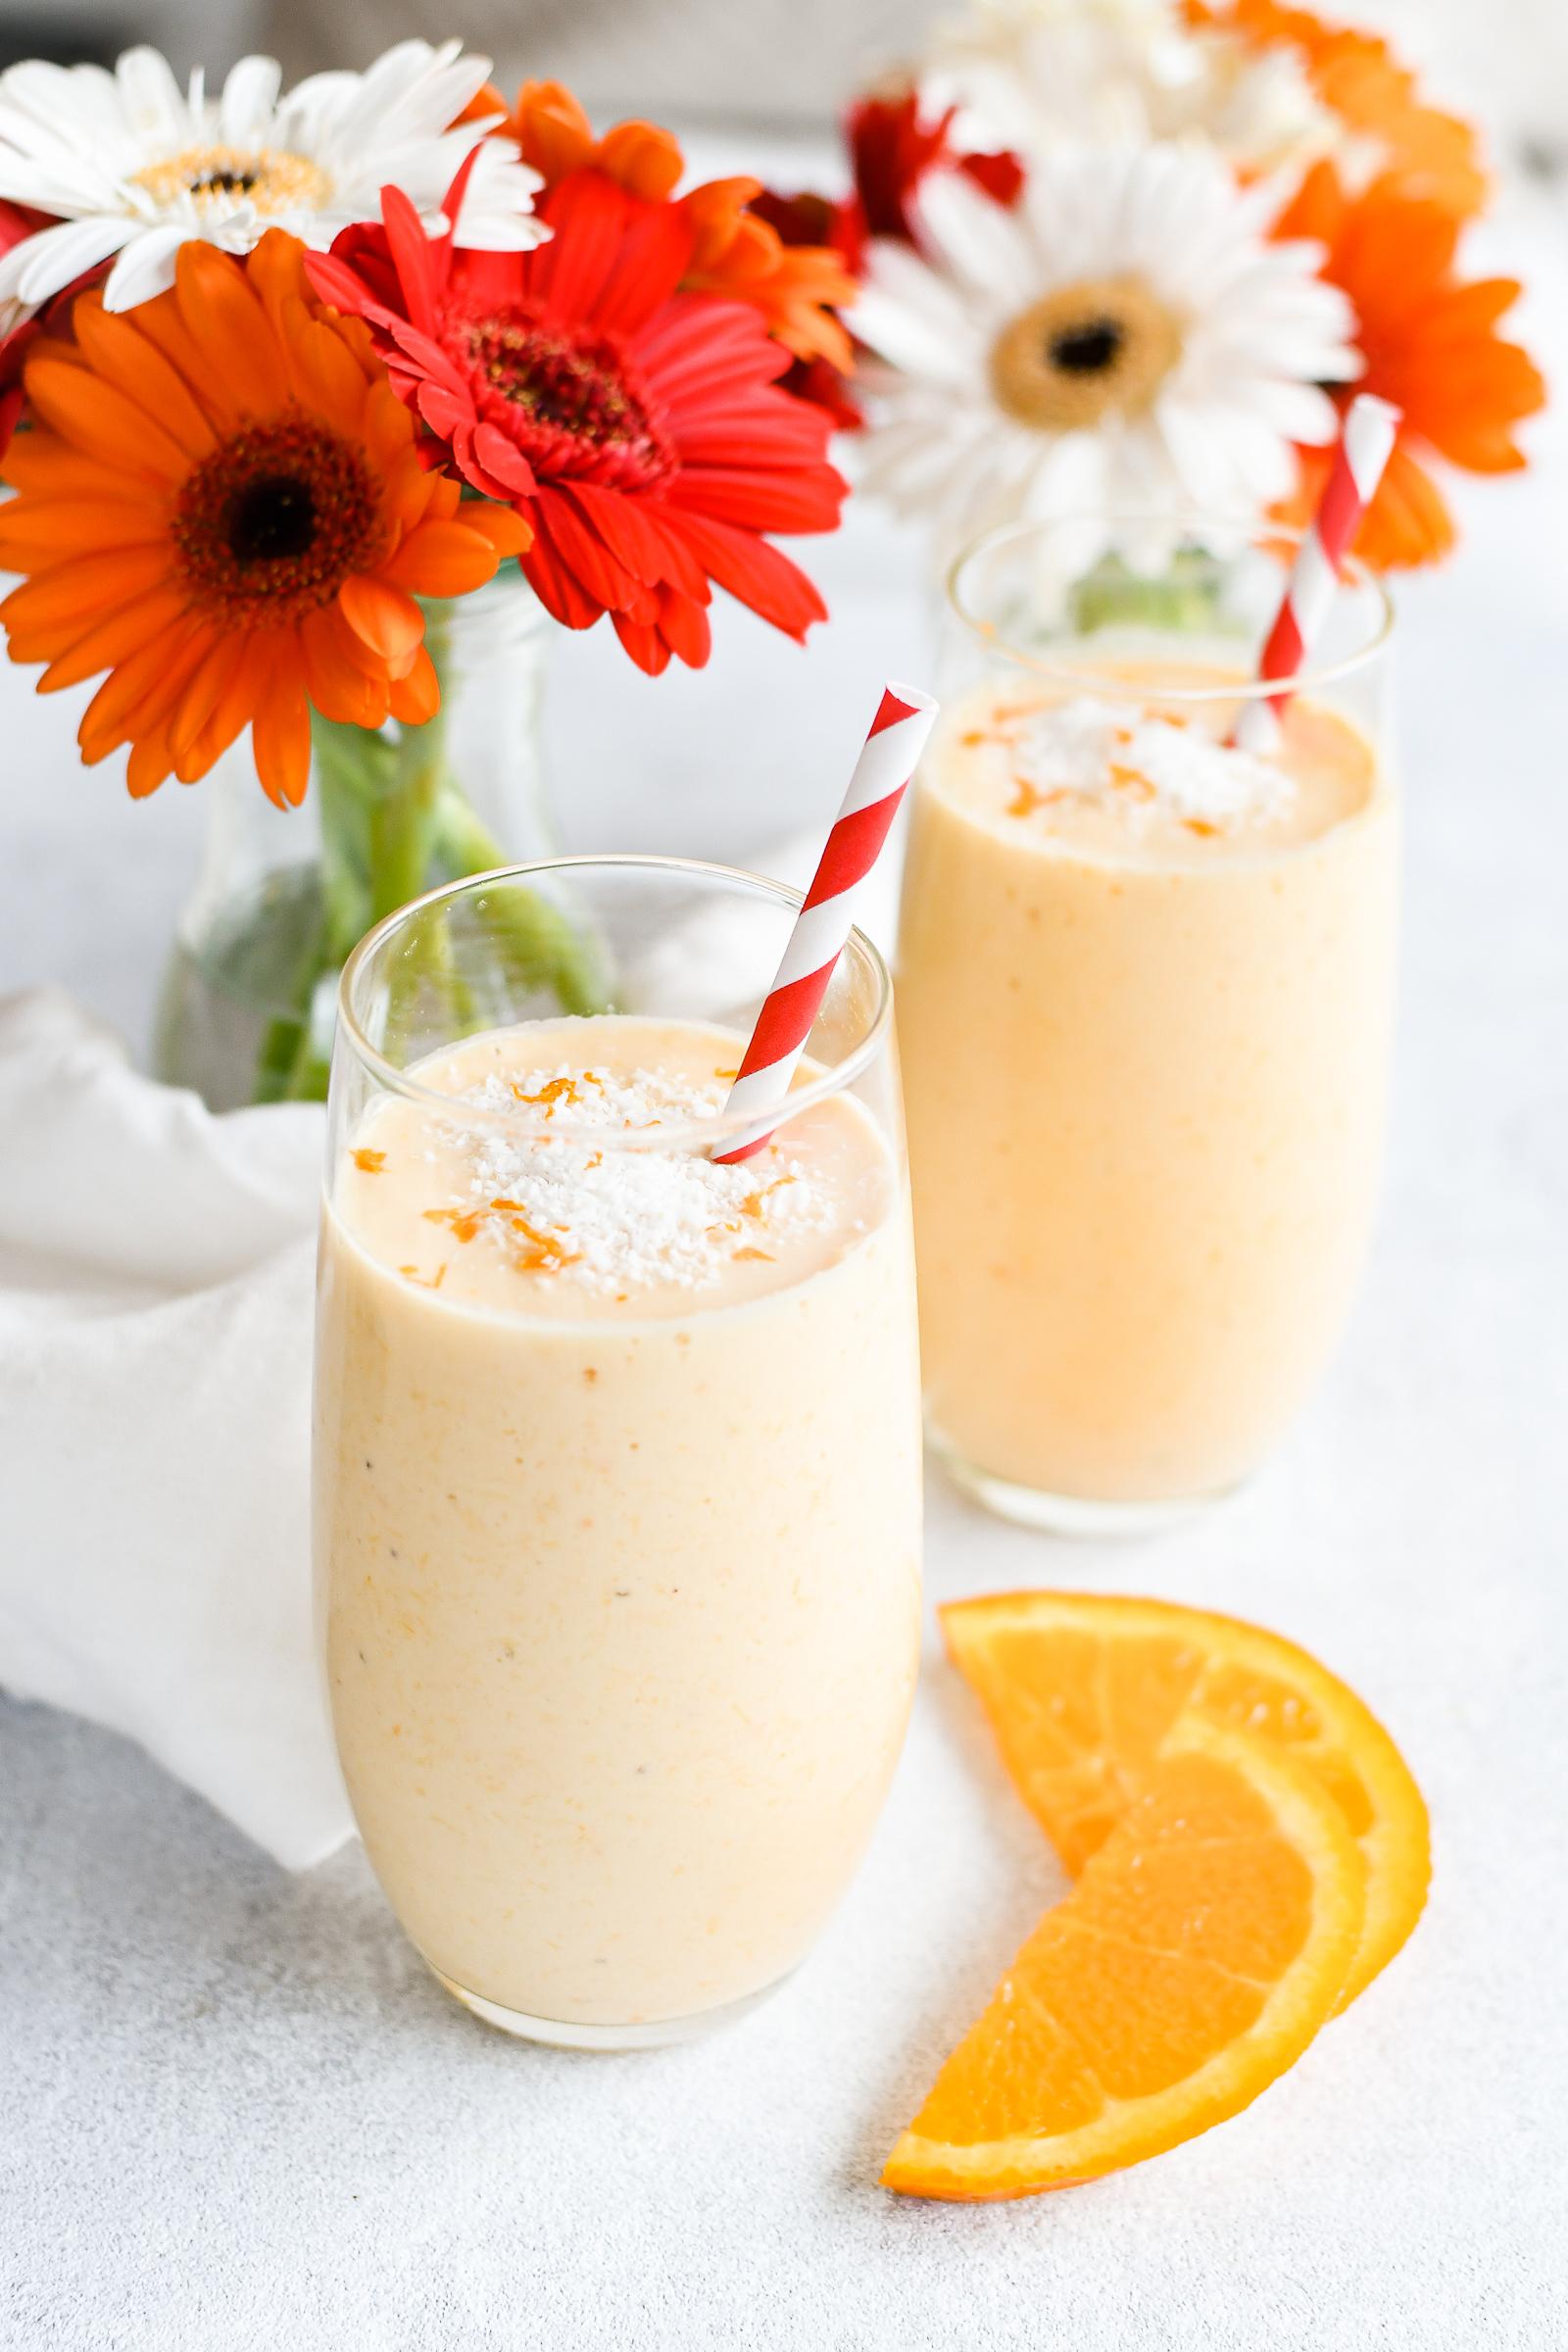 oranje smoothie